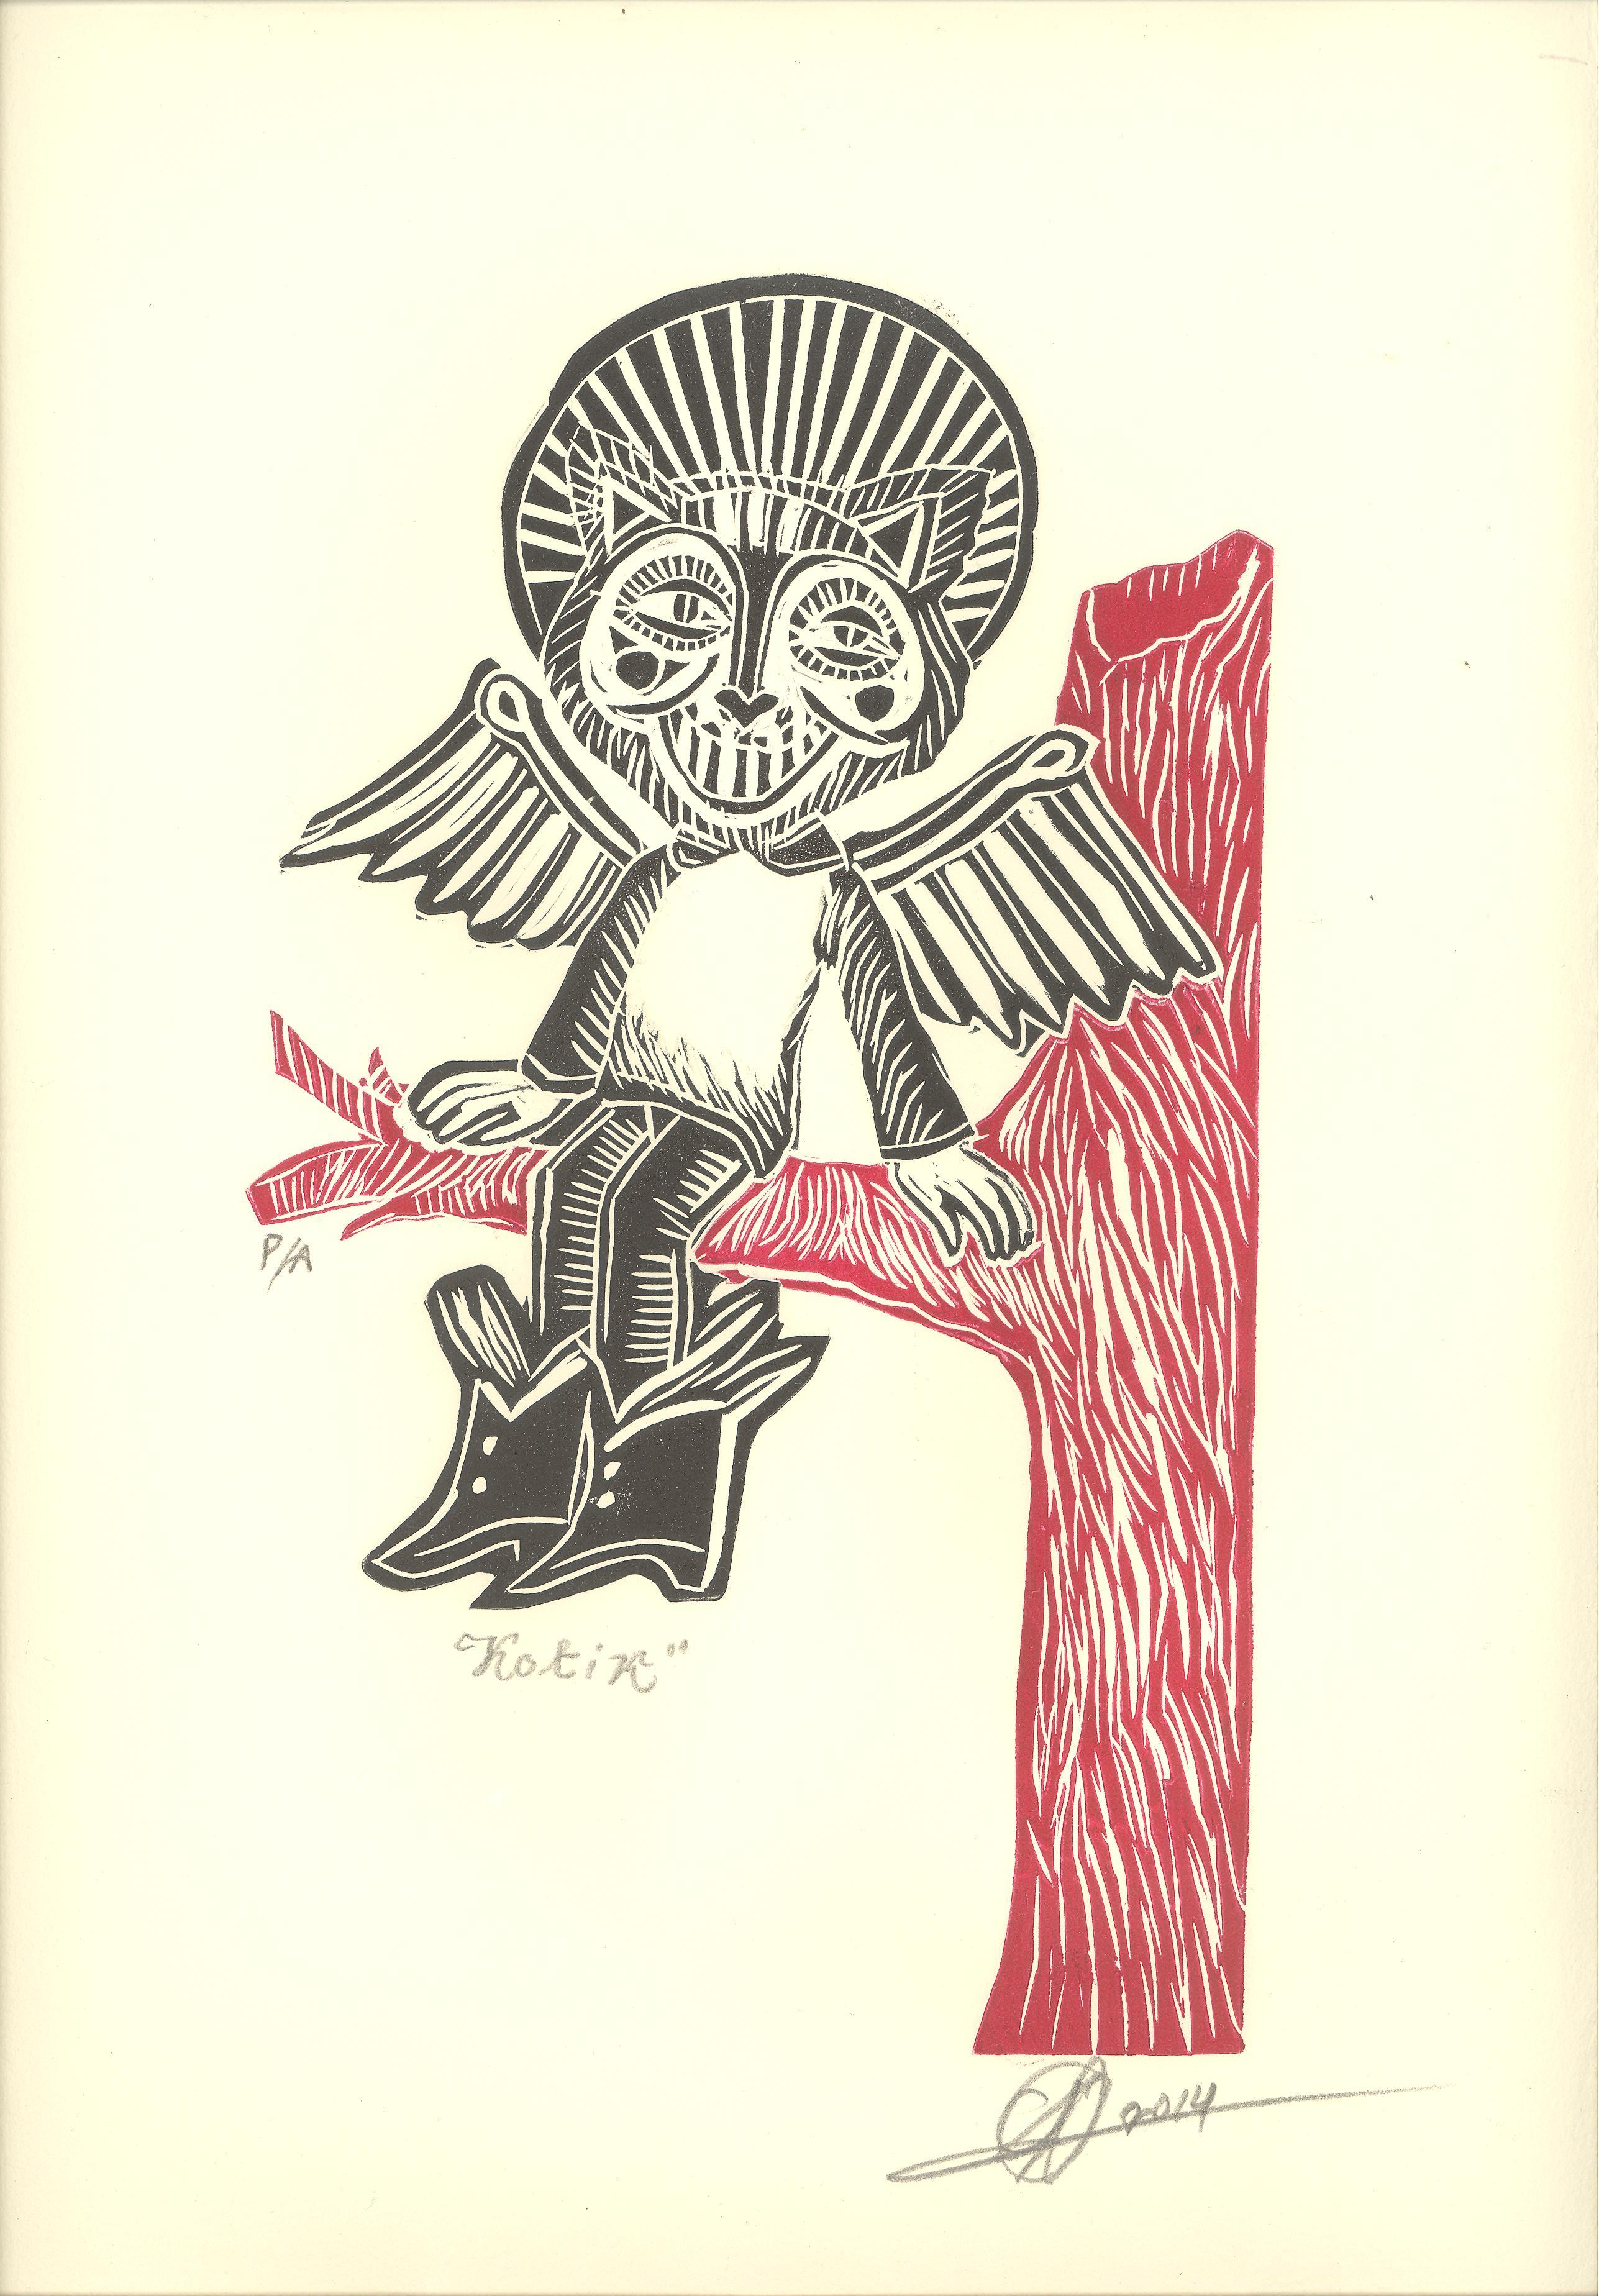 Barreto, Koltik, Linóleo a dos tintas, 2013.